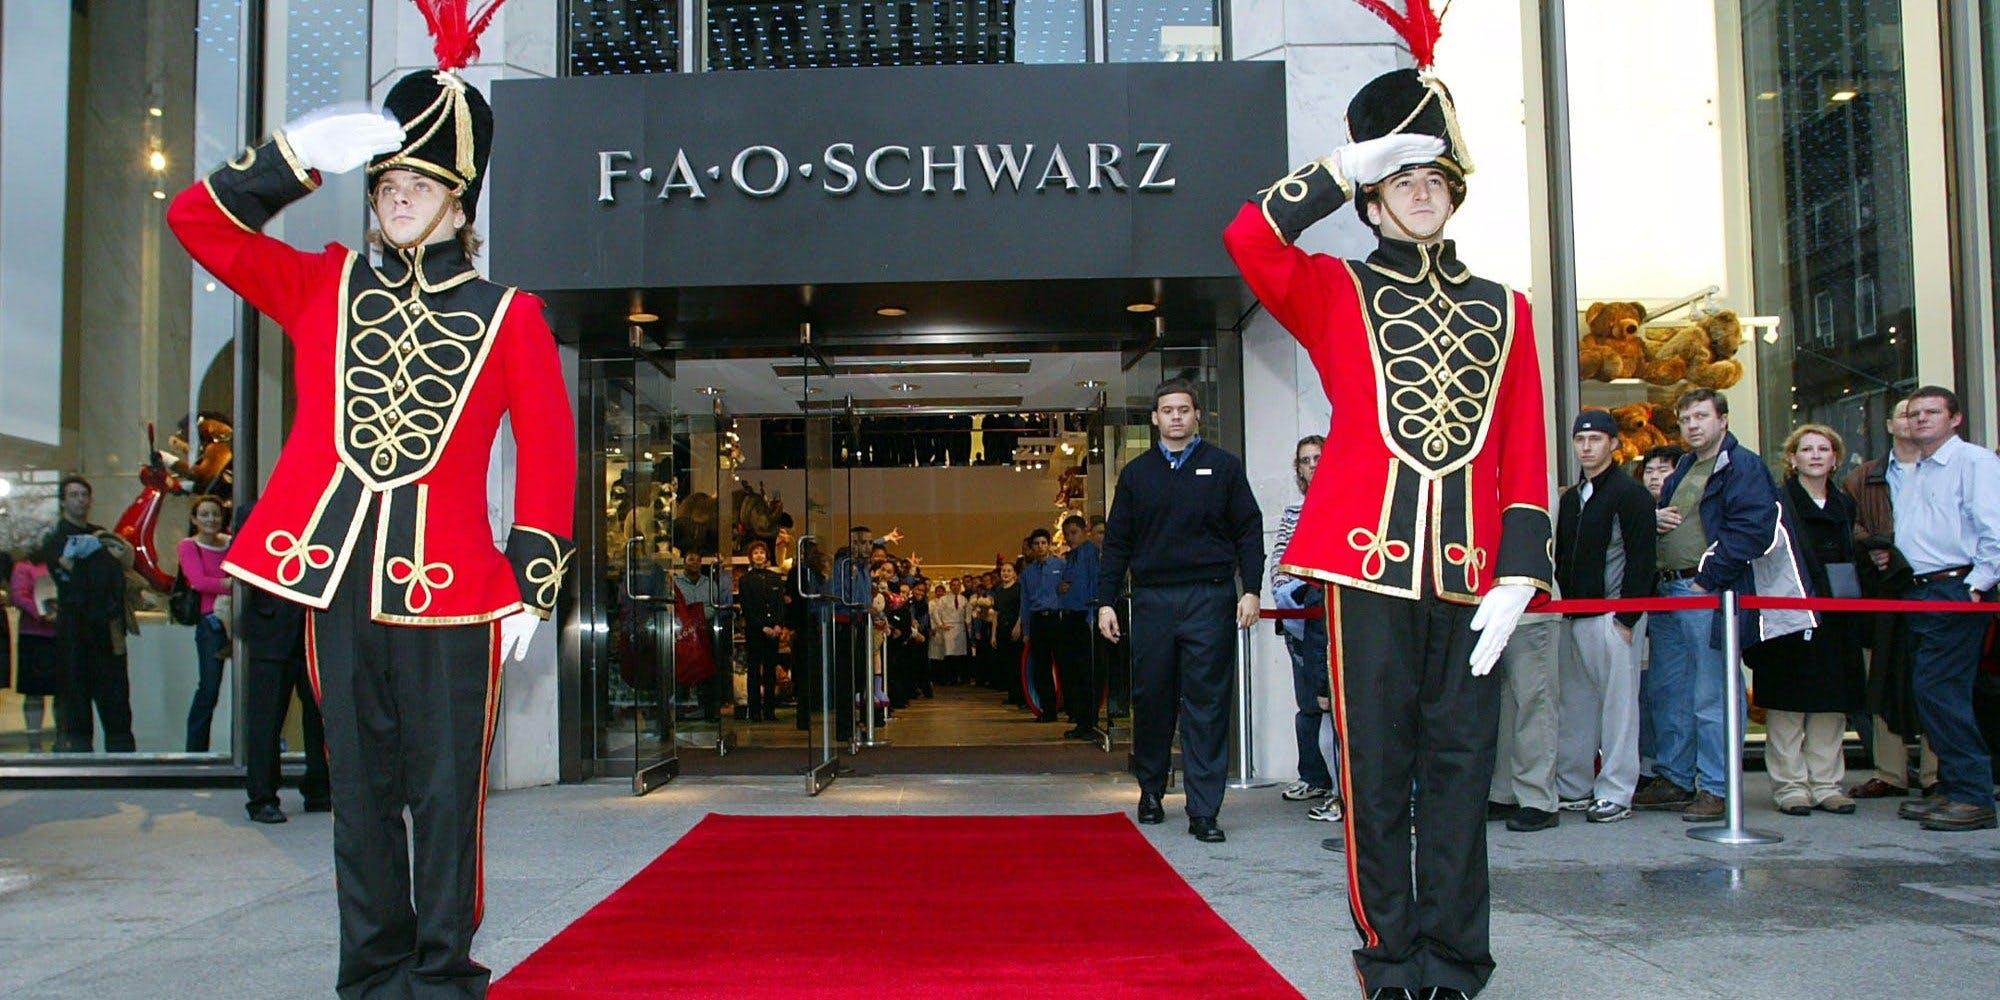 Fao Schwars il negozio di giocattoli più famoso al mondo riaprirà a New York - L'Officiel Italia